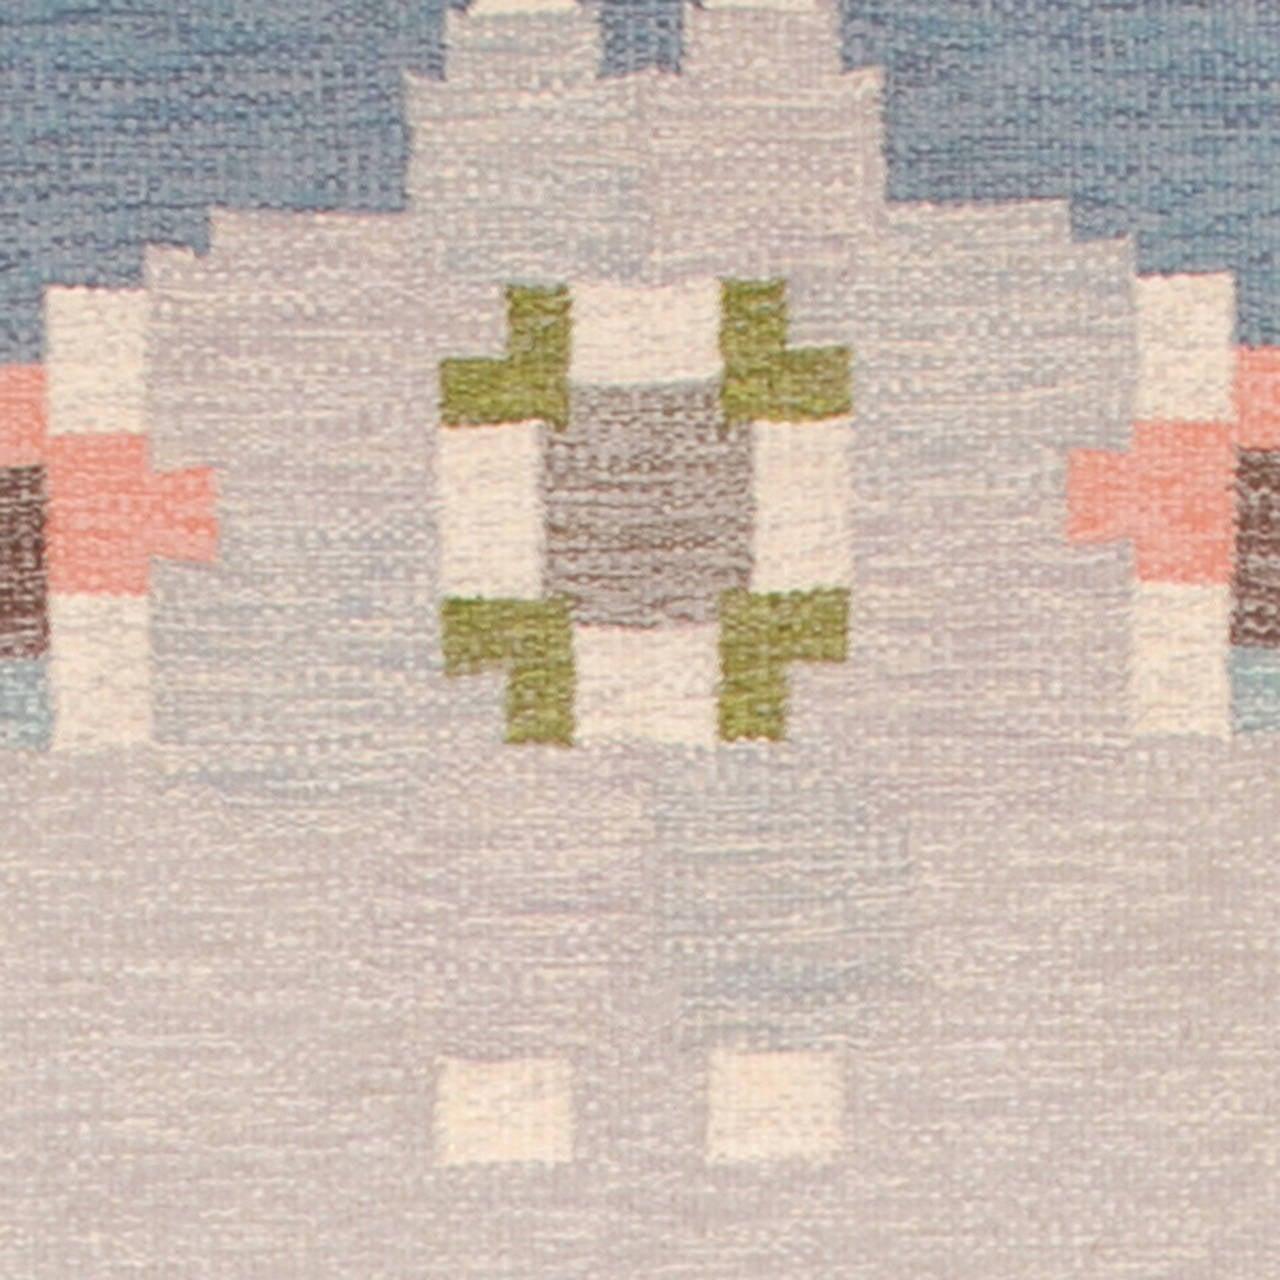 20th Century Swedish Flat-Weave Carpet by Ingegerd Silow Sweden, circa 1940-50 Signed 'IS' (Ingegerd Silow) Flat-weave